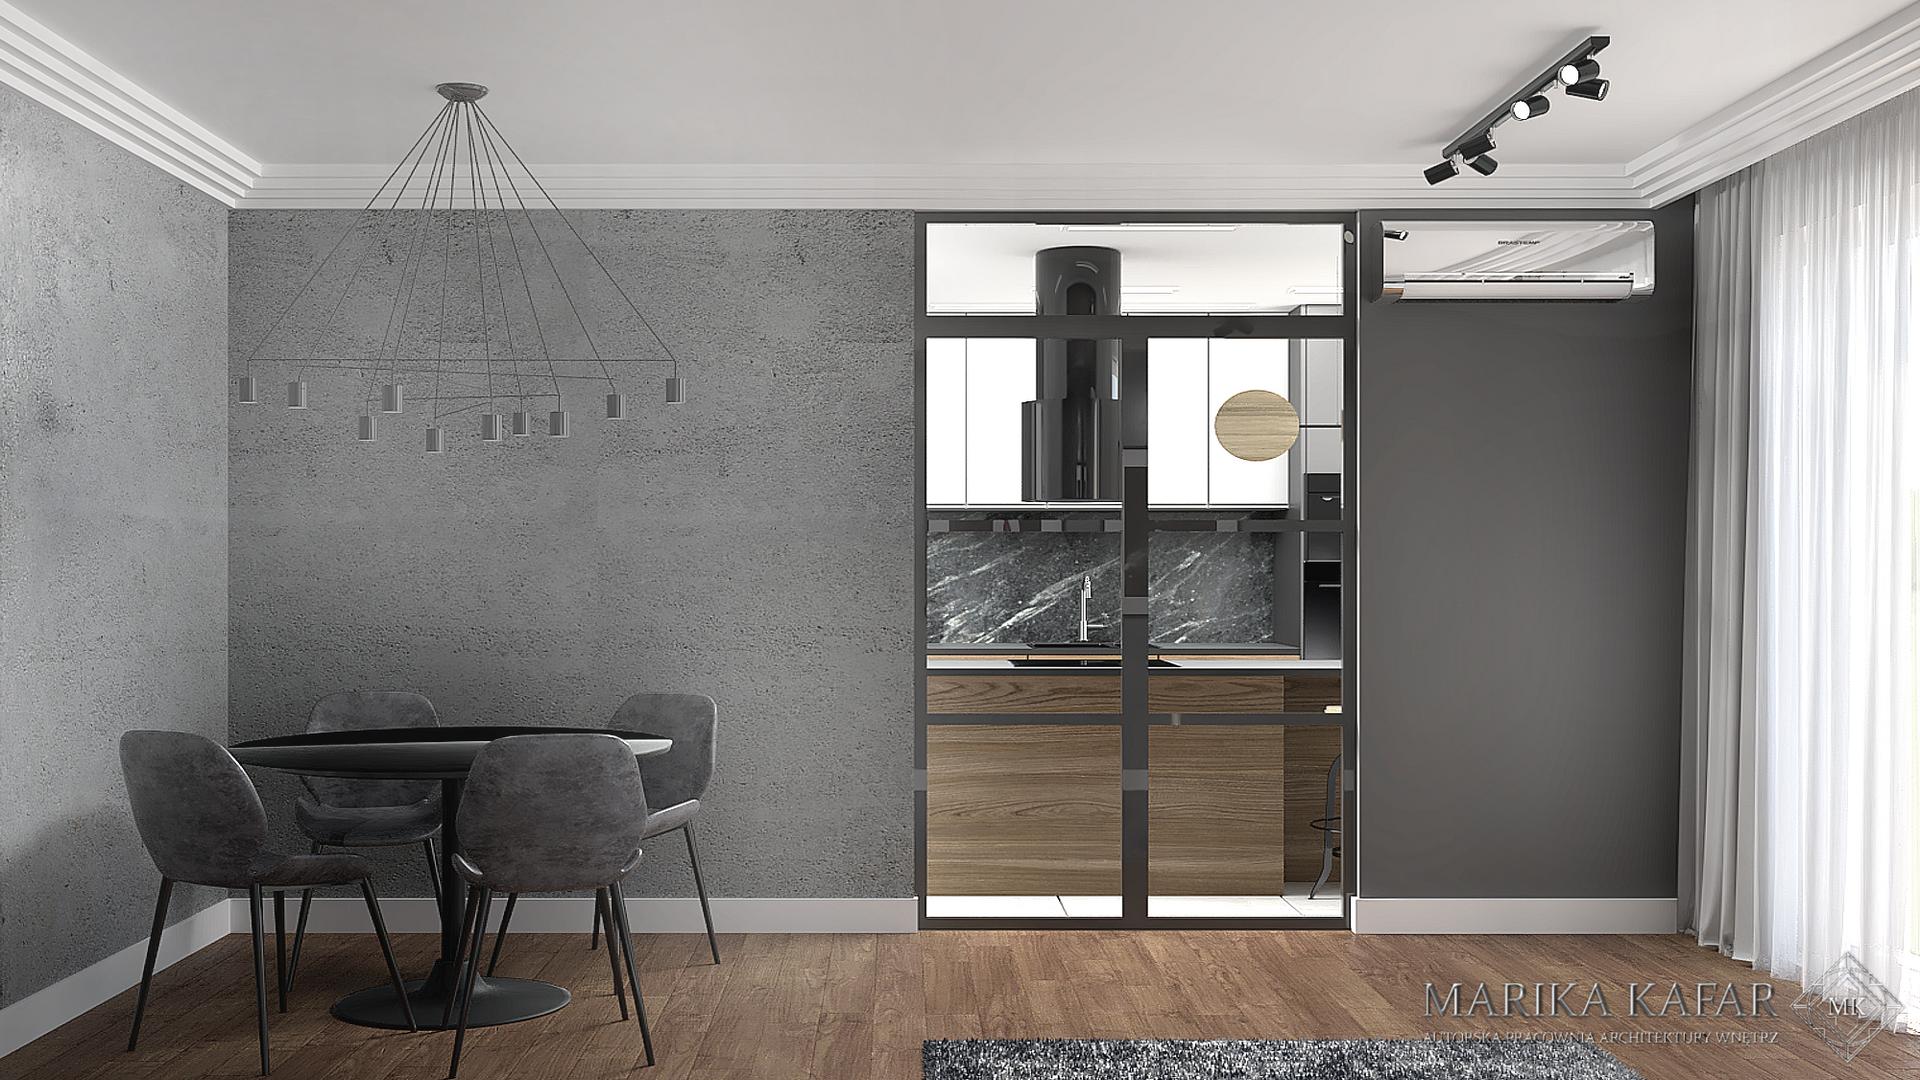 MARIKA KAFAR. Industrialne drzwi przesuwne jako oddzielenie salonu od kuchni.